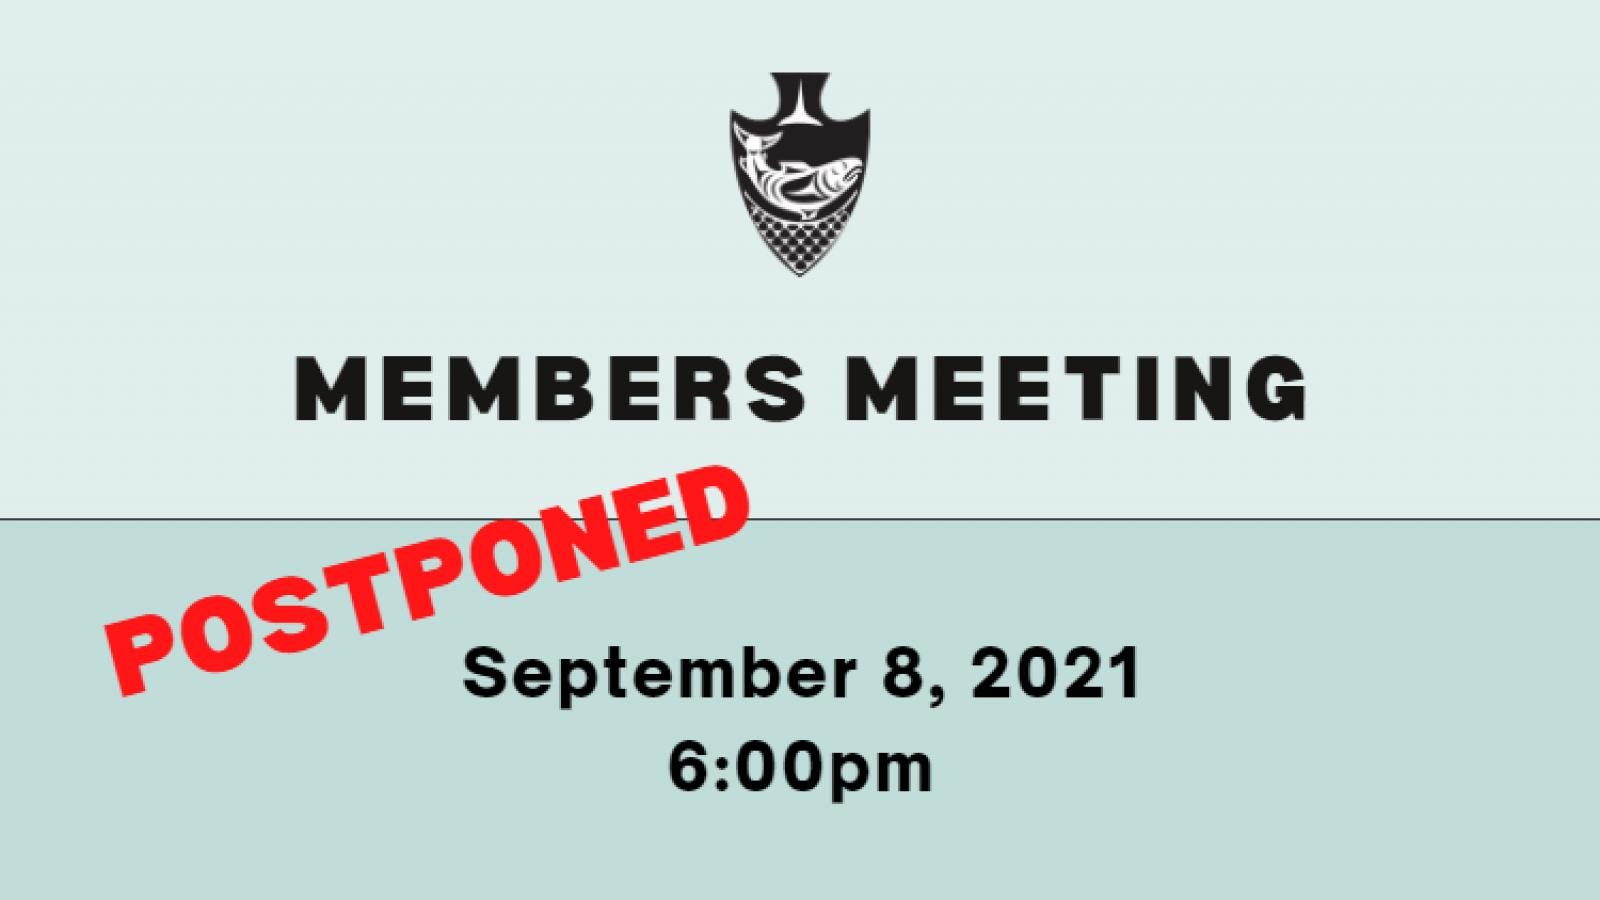 Members meeting on Sept. 8 postponed